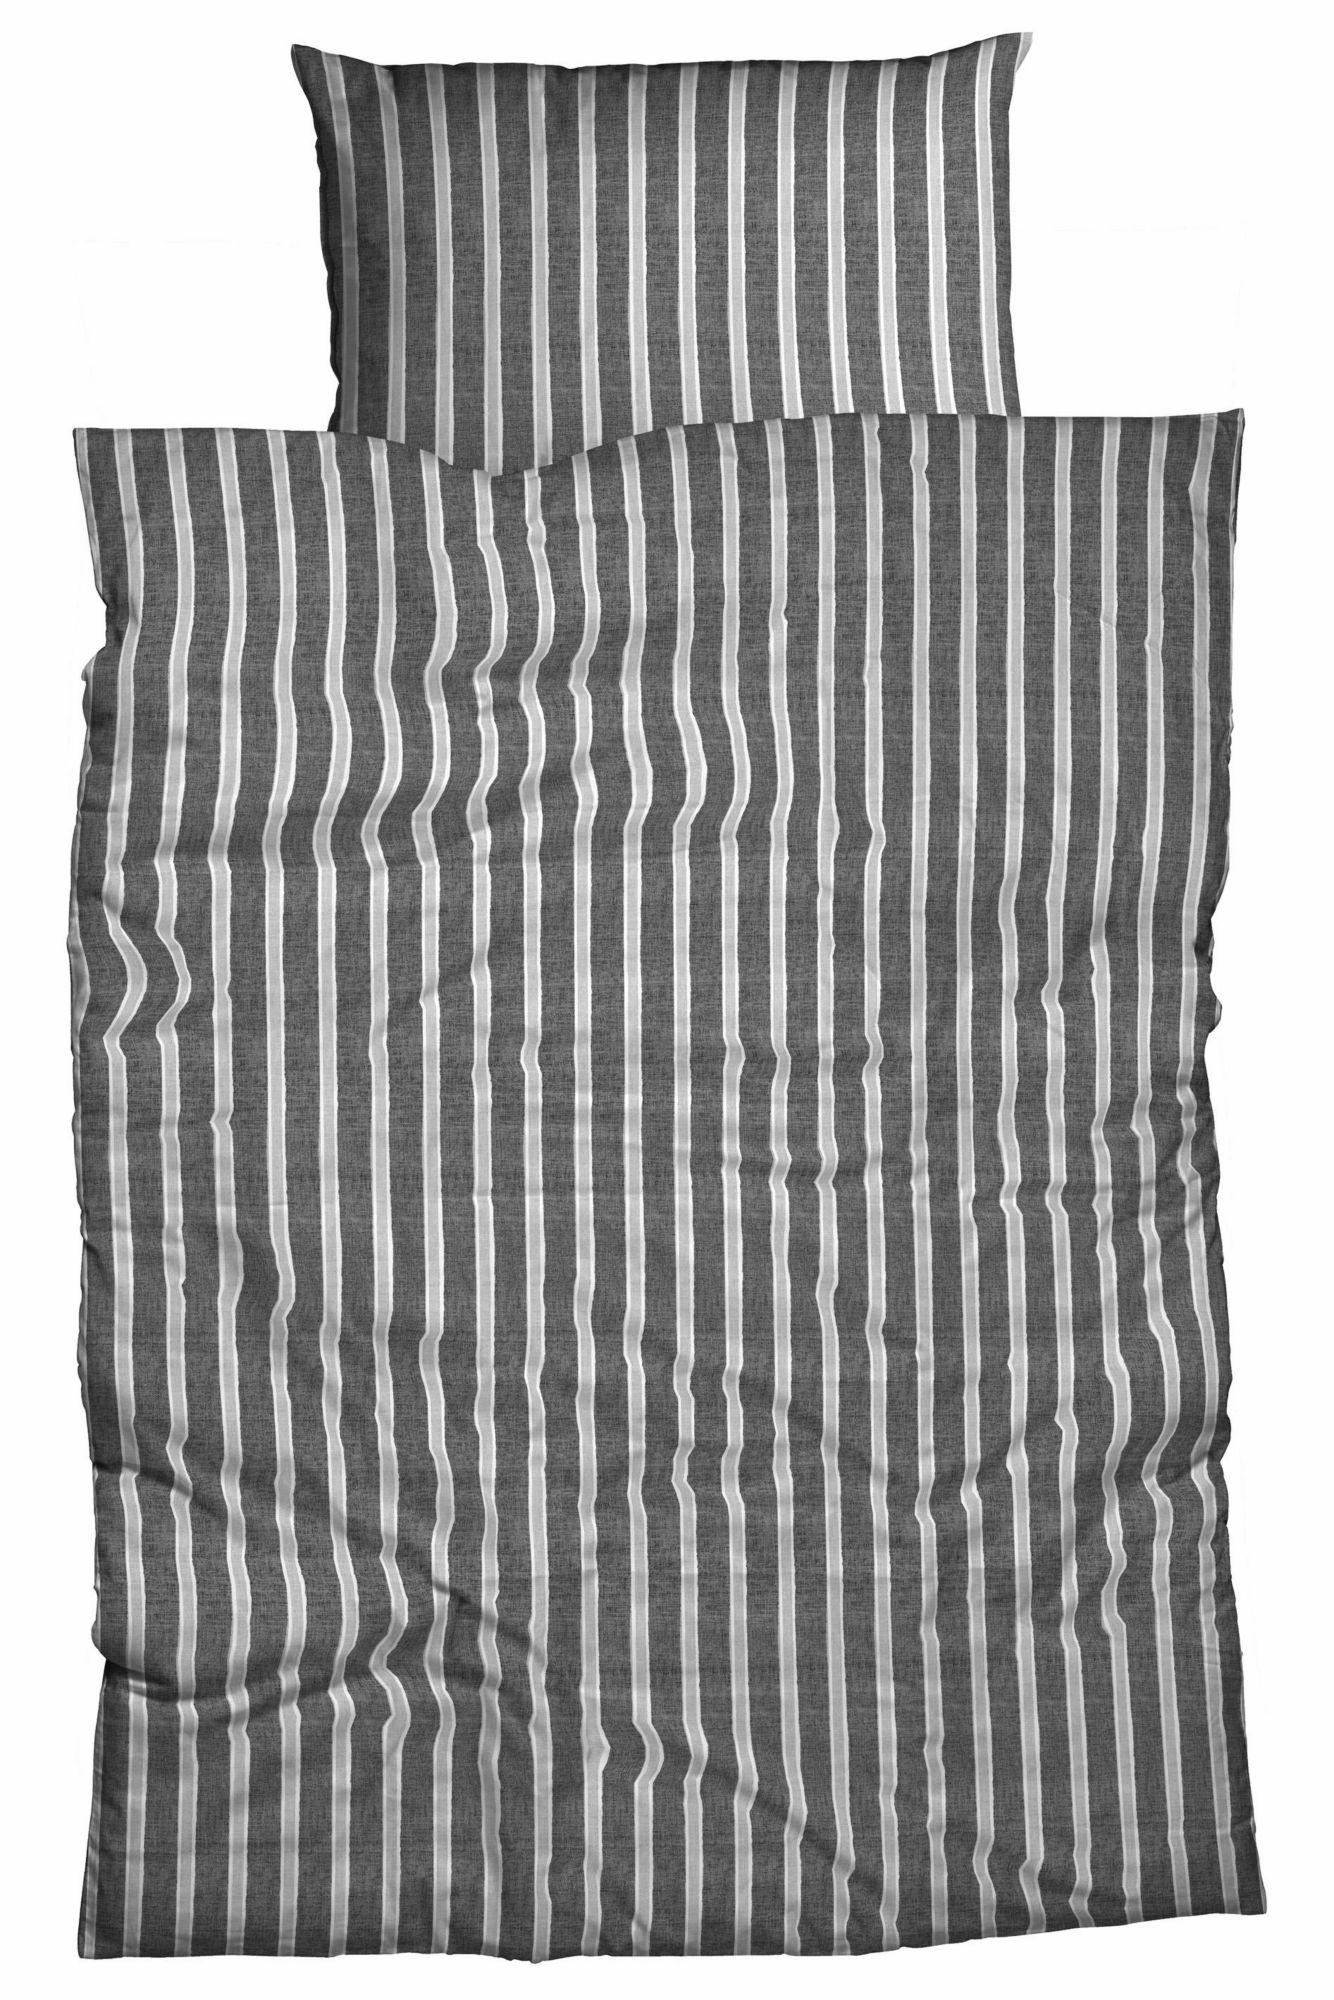 CASATEX Bettwäsche, Casatex, »Ponza Stripe«, im Streifen Design